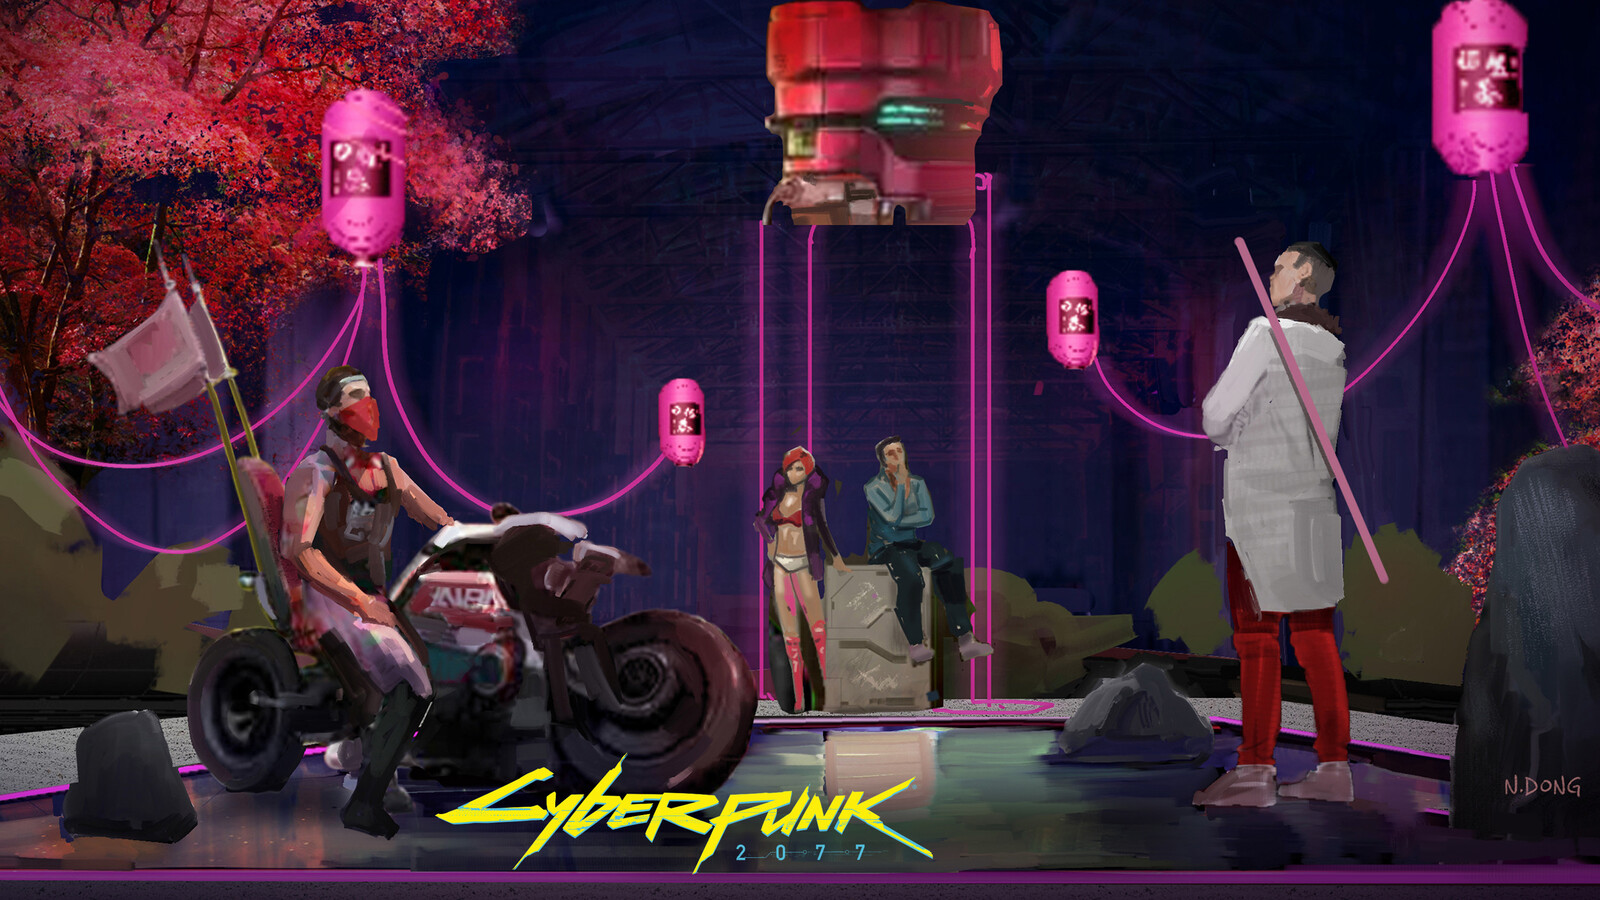 Cyberpunk 2077 - Sho Tokyo